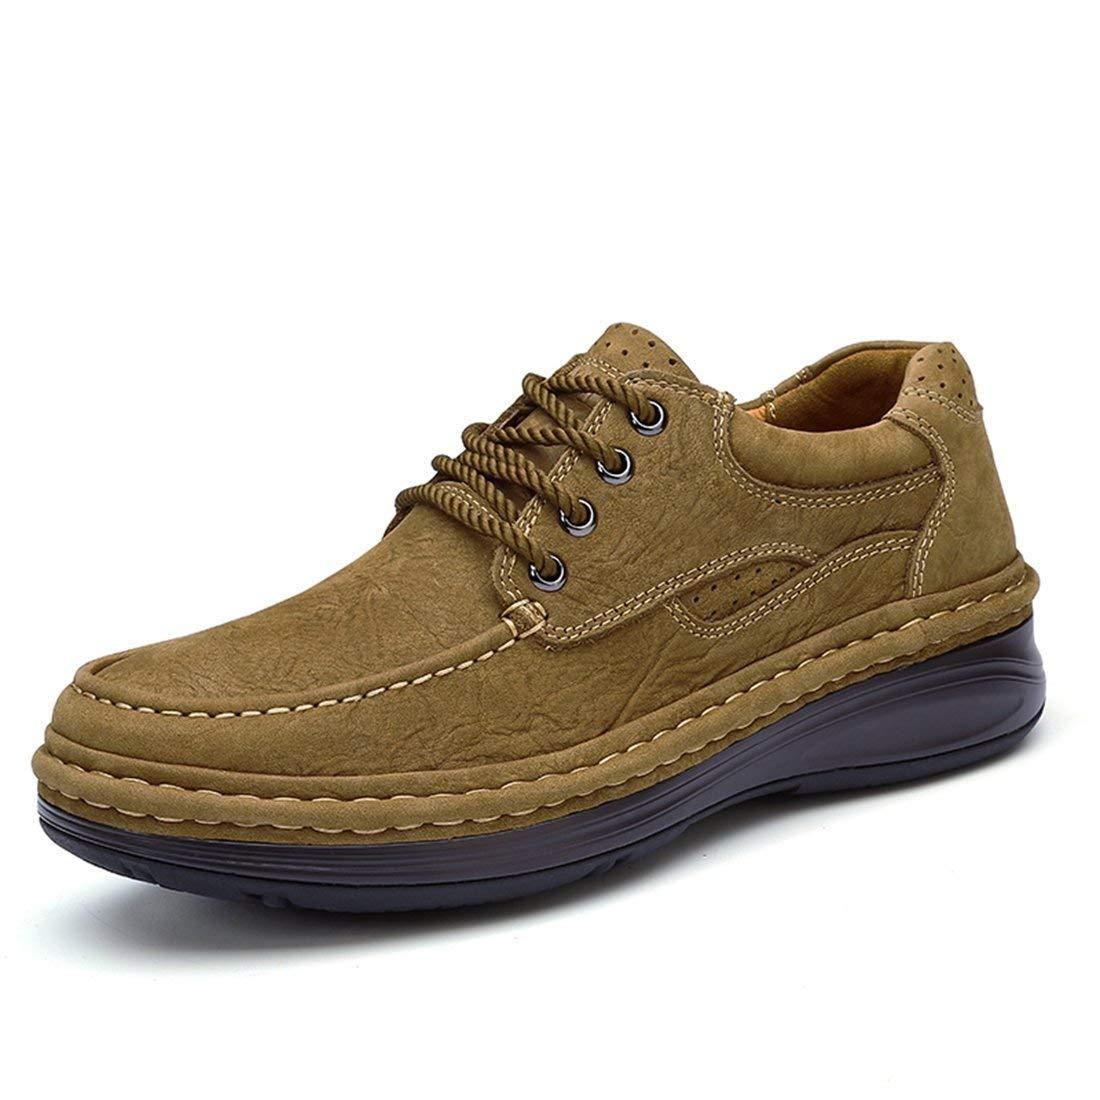 Herren stilvolle Leder Outdoor Sport Slip Qualität Wanderschuhe (Farbe   Khaki, Größe   8 UK)